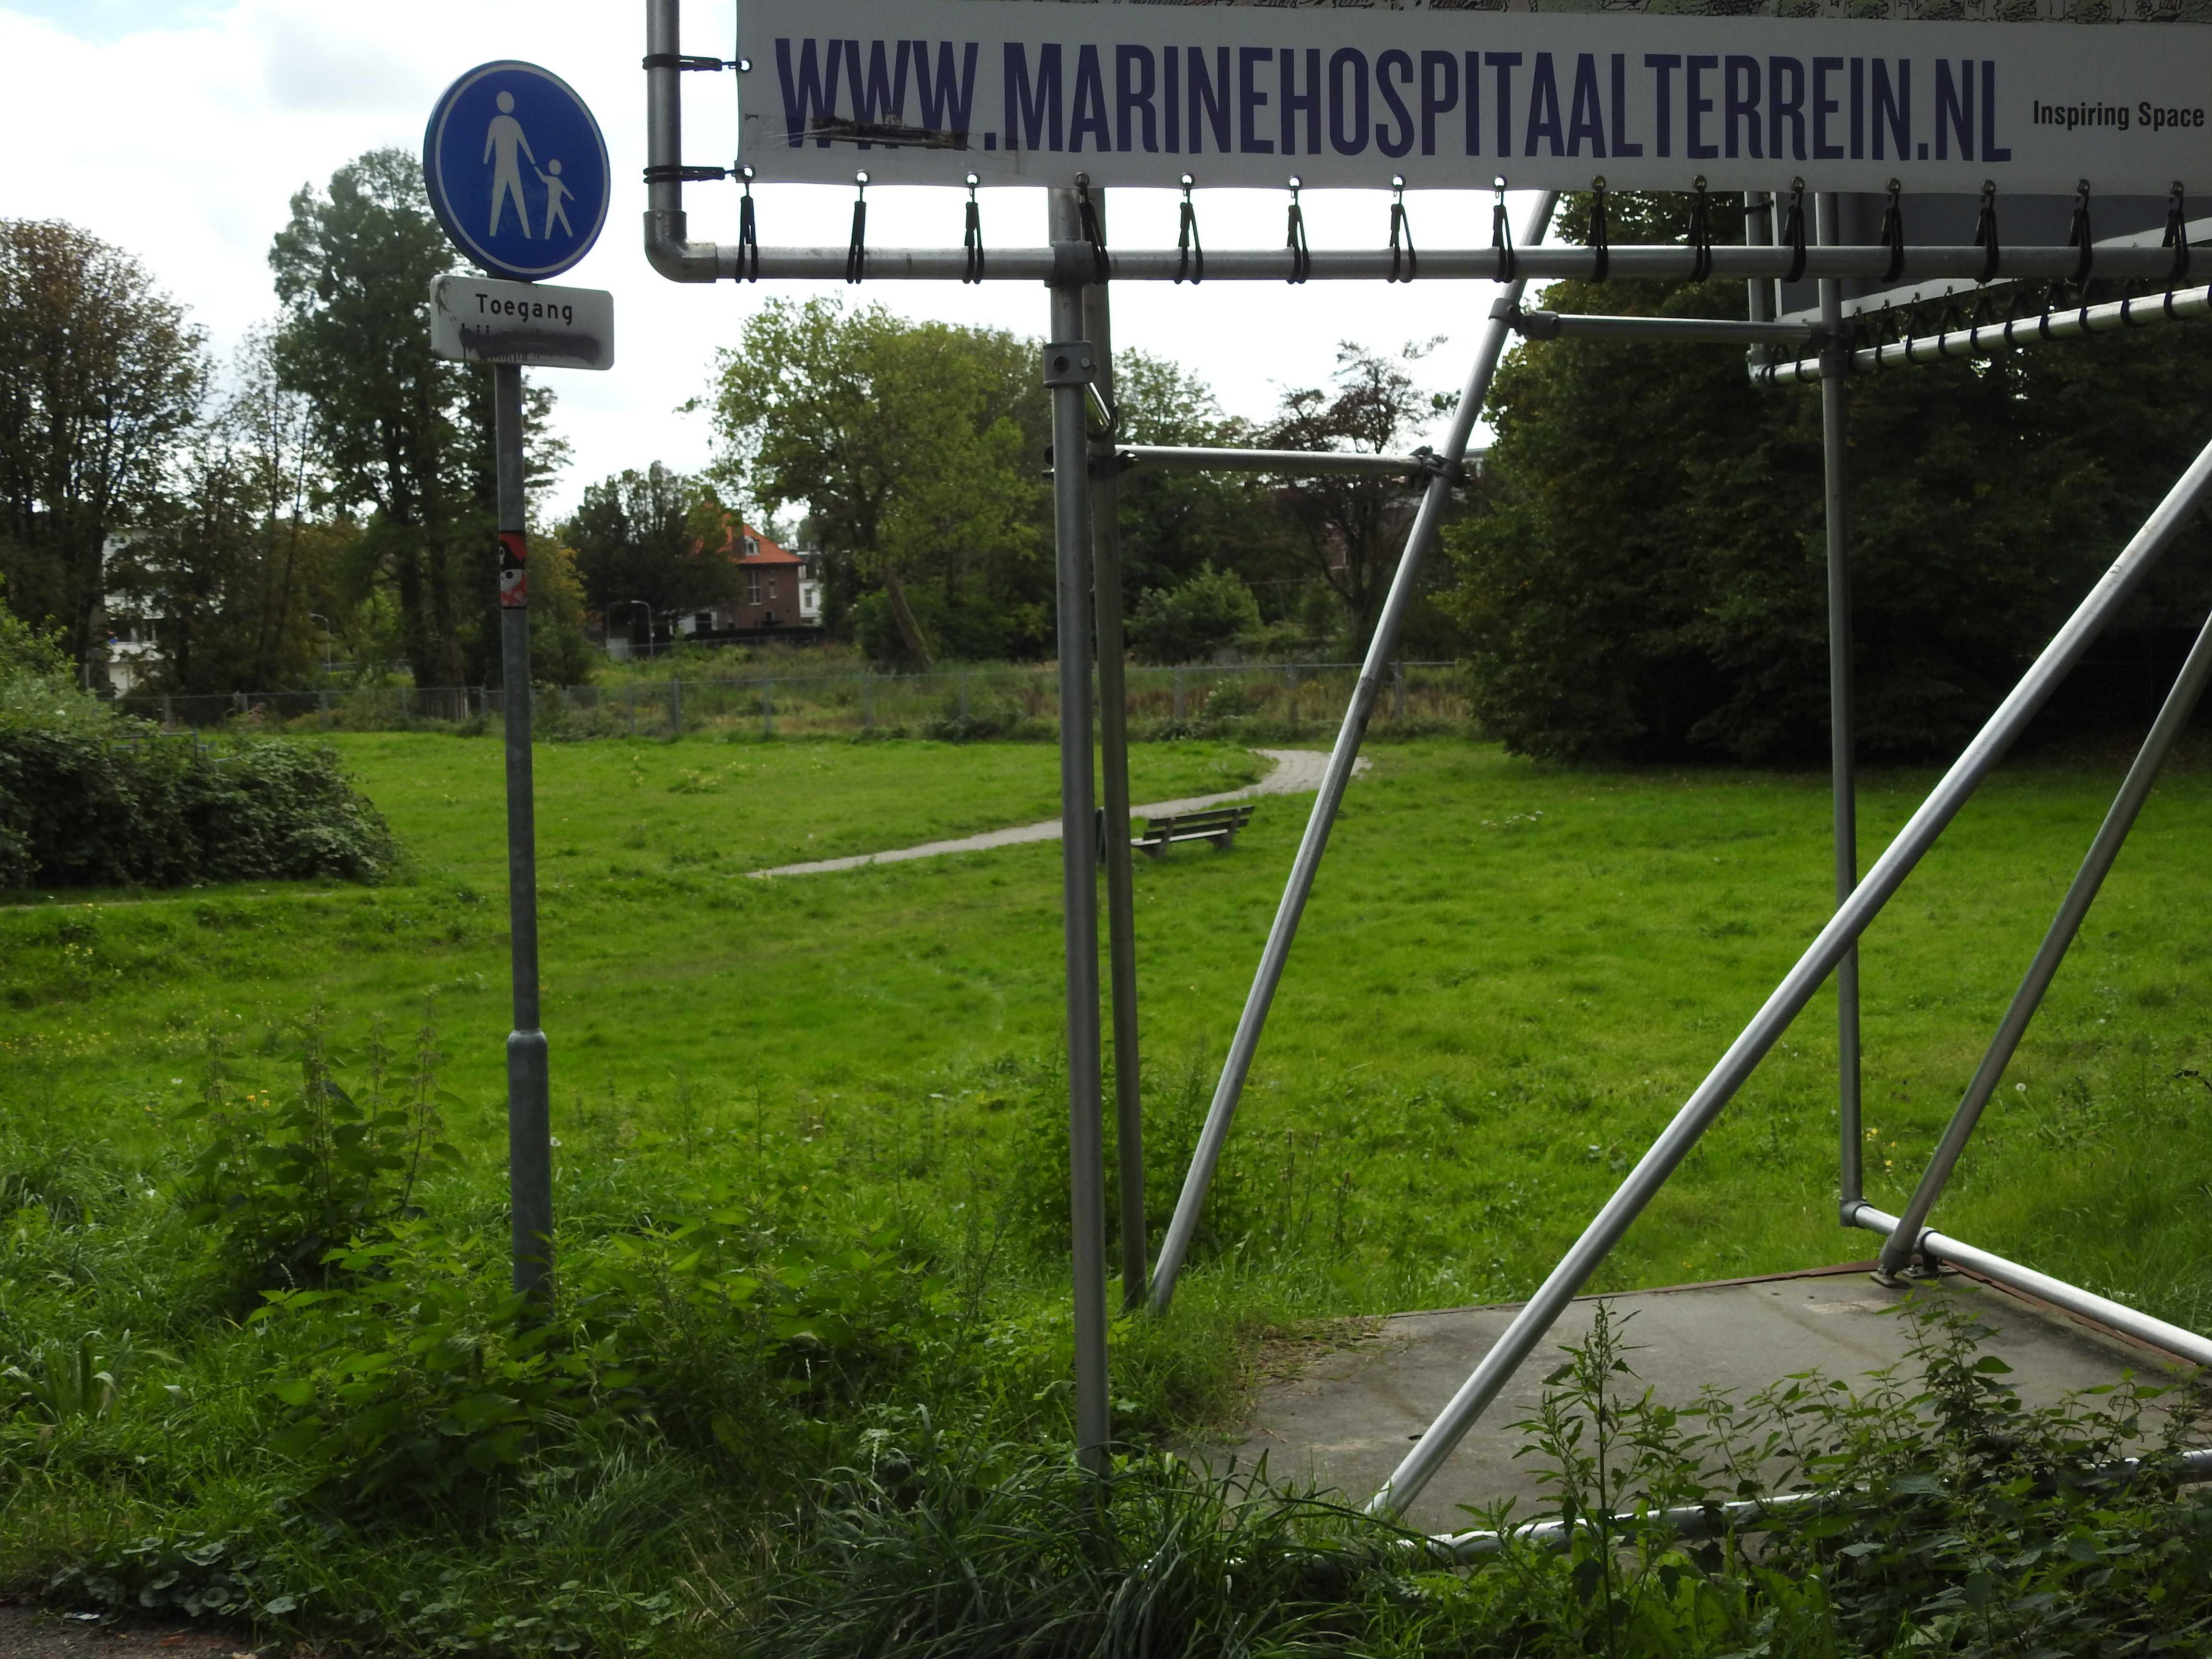 Marinehospitaal terrein